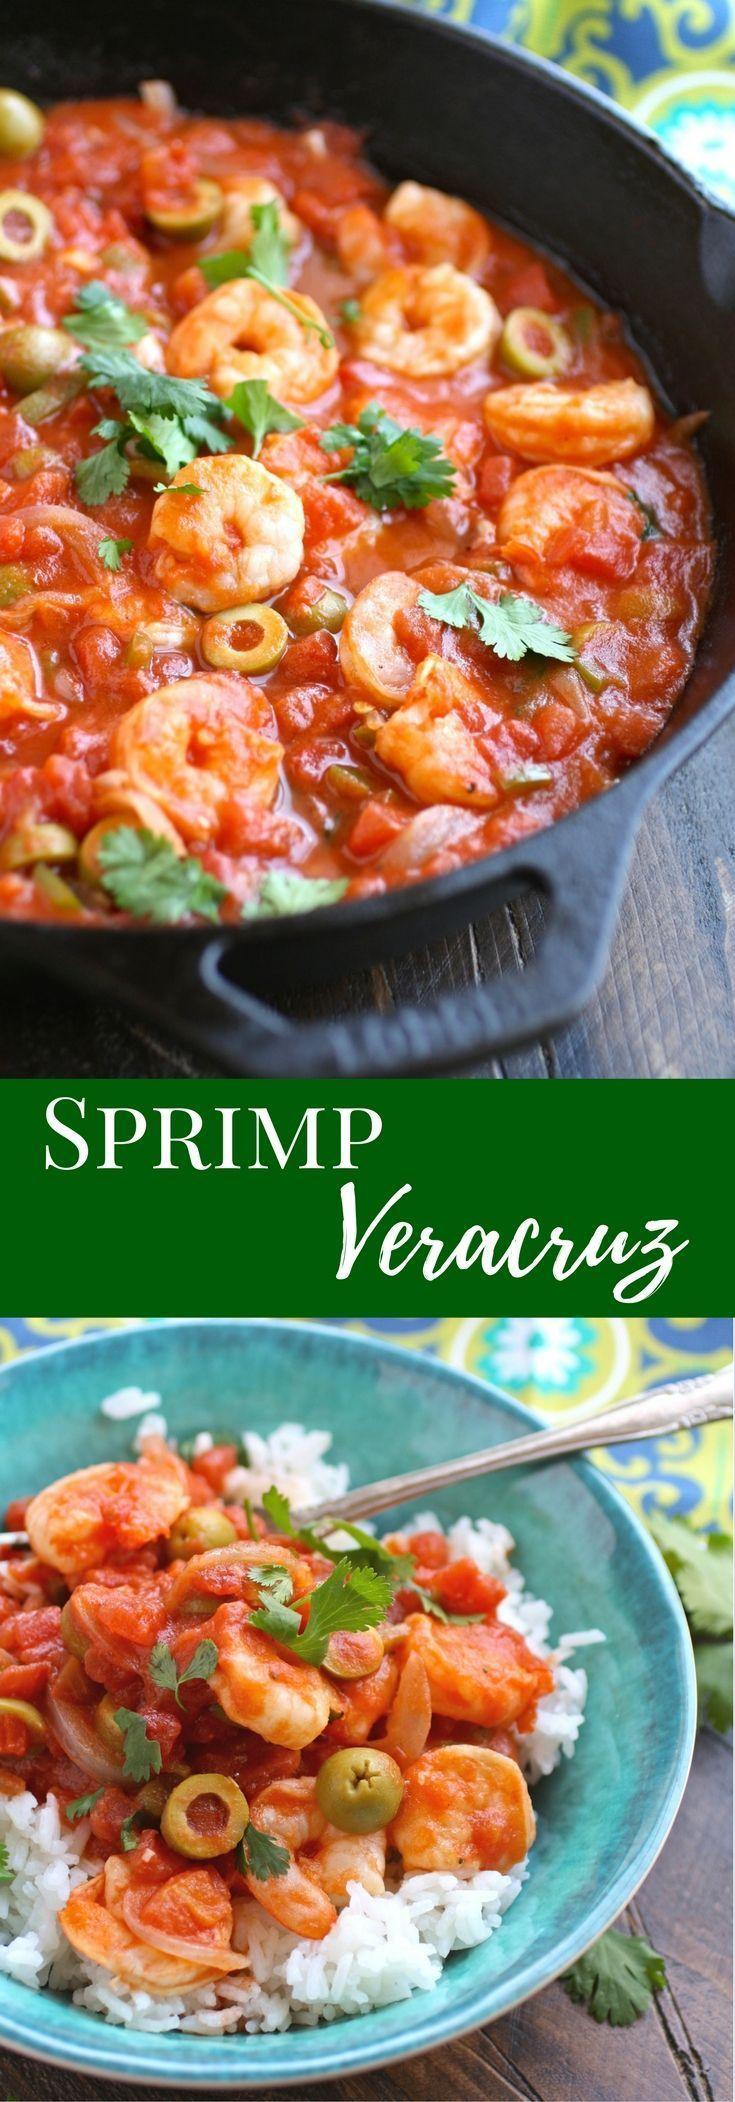 Shrimp Veracruz Recipe Seafood Recipes Food Recipes Best